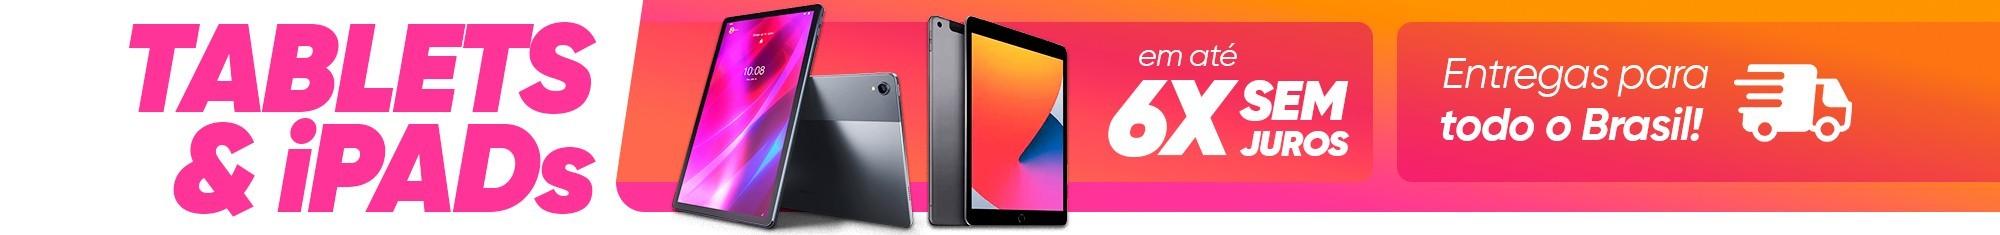 Tablet CCE: Motion, 9, 7, 10 polegadas e mais